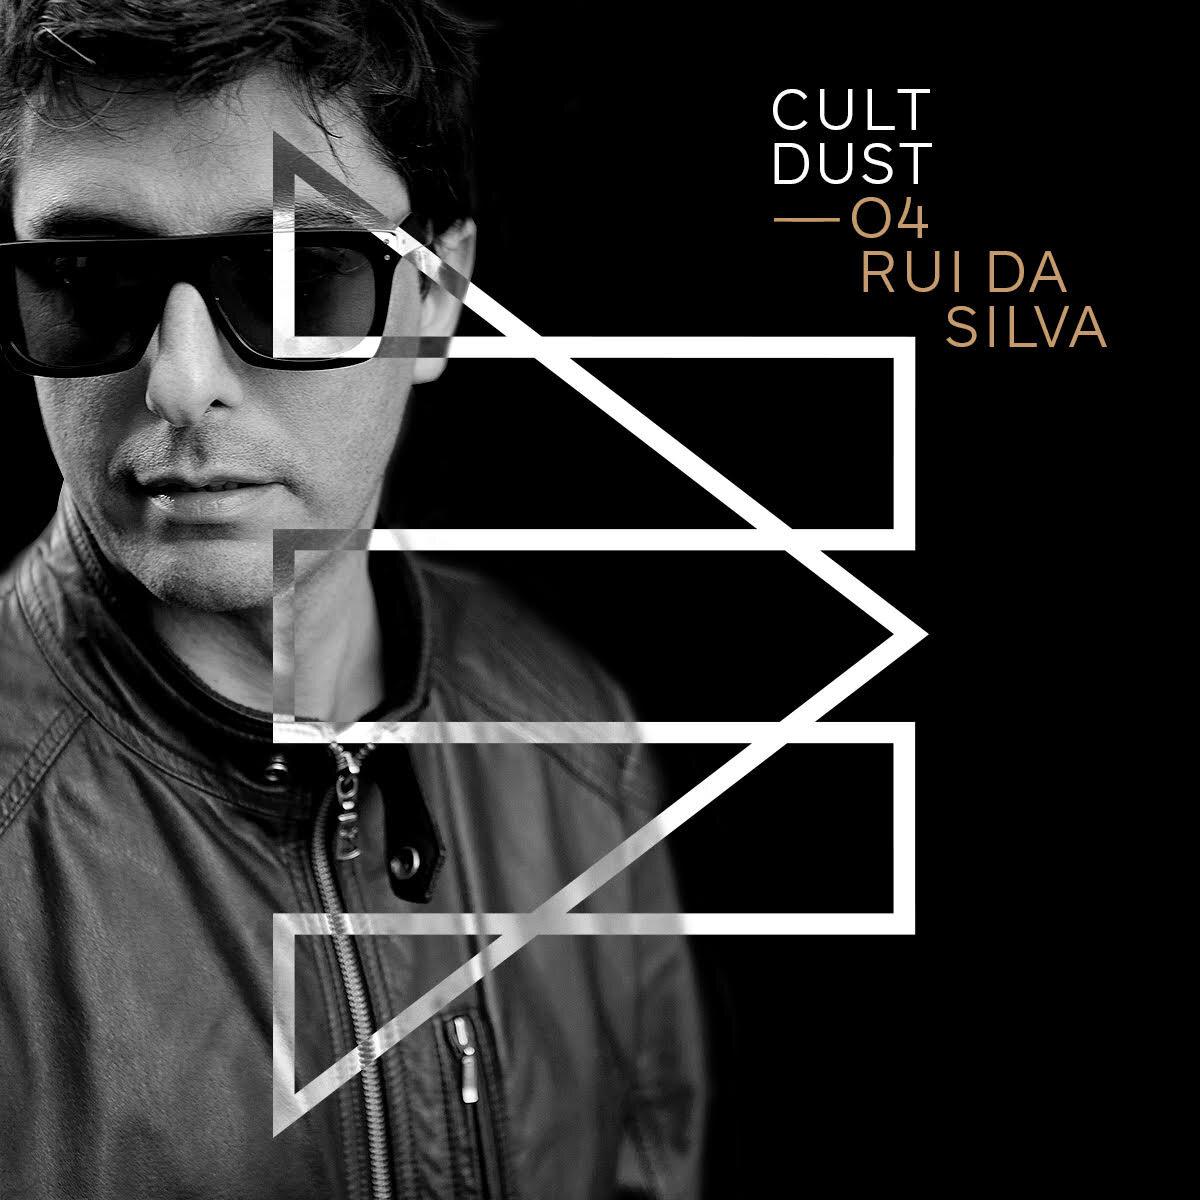 CultDust+004+Rui+Da+Silva.jpg